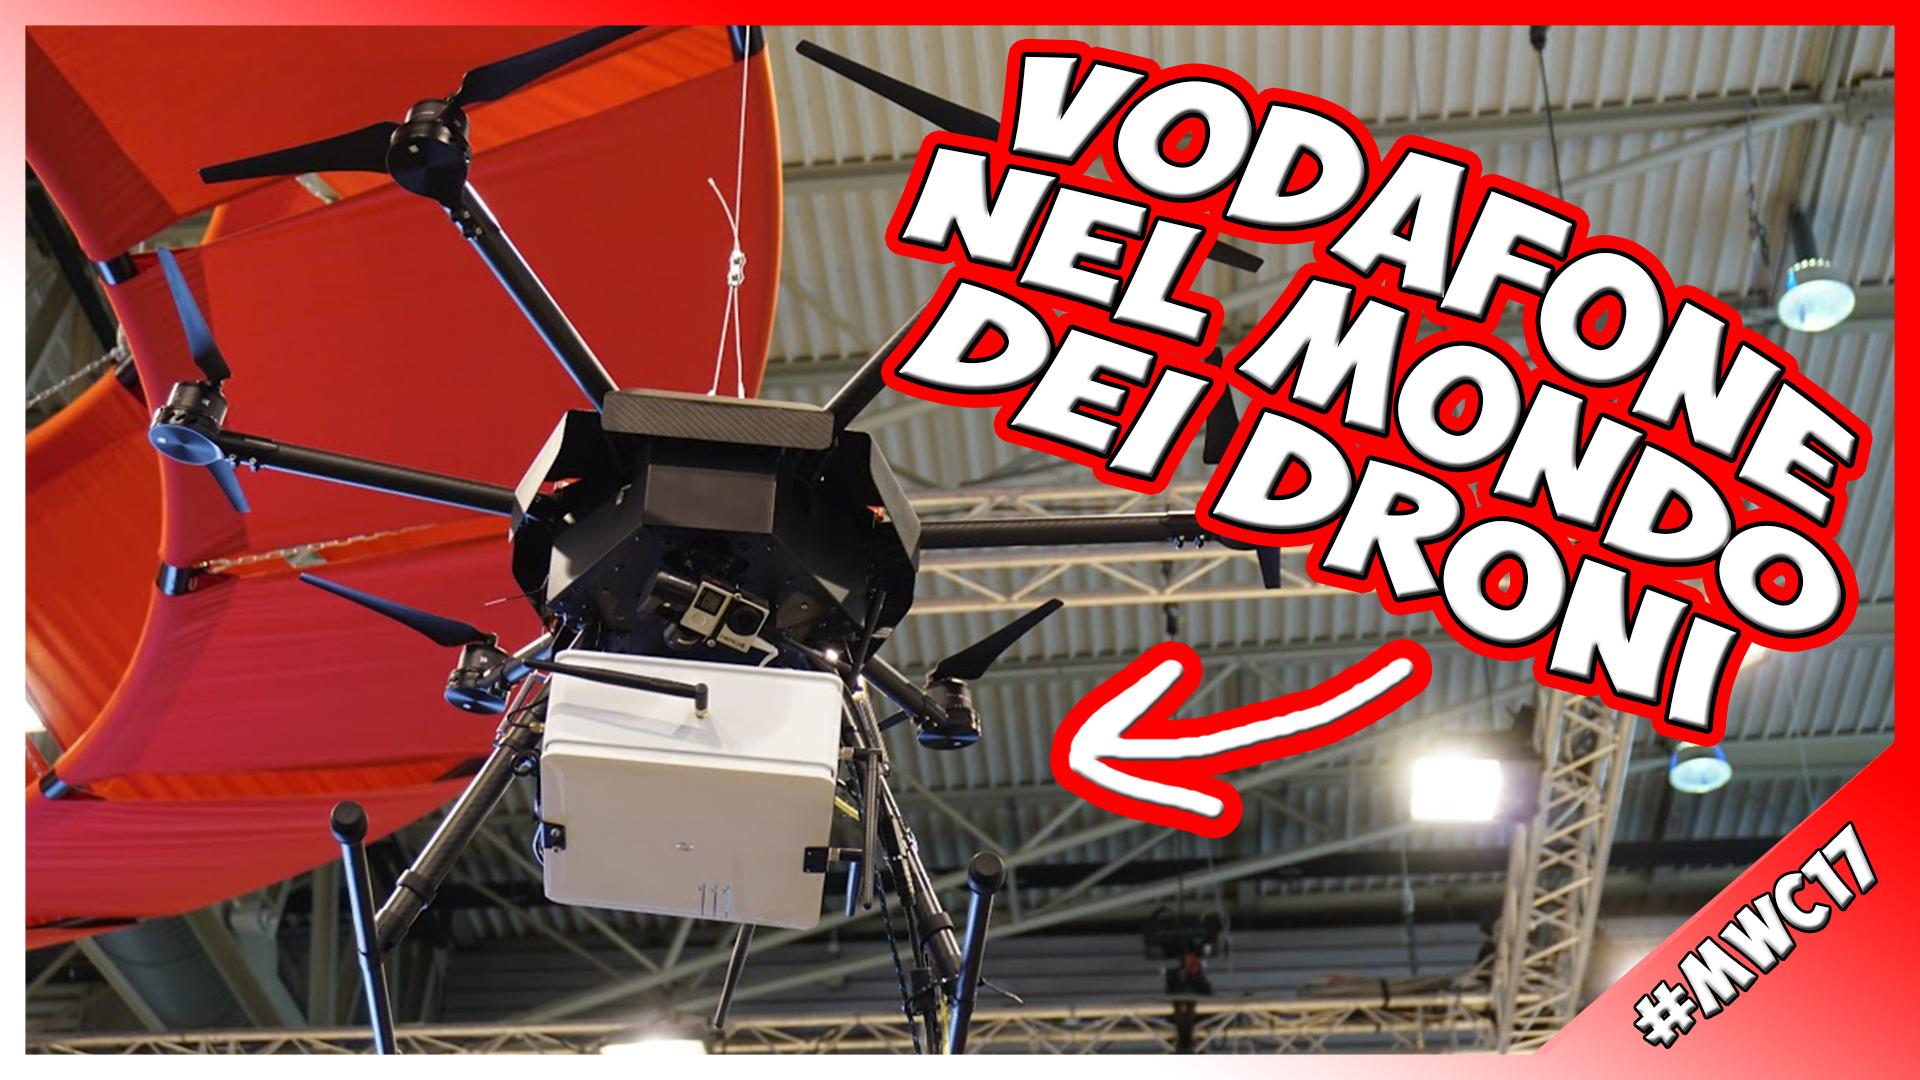 [MWC 2017] Il drone di Vodafone che porta connessione ovunque!